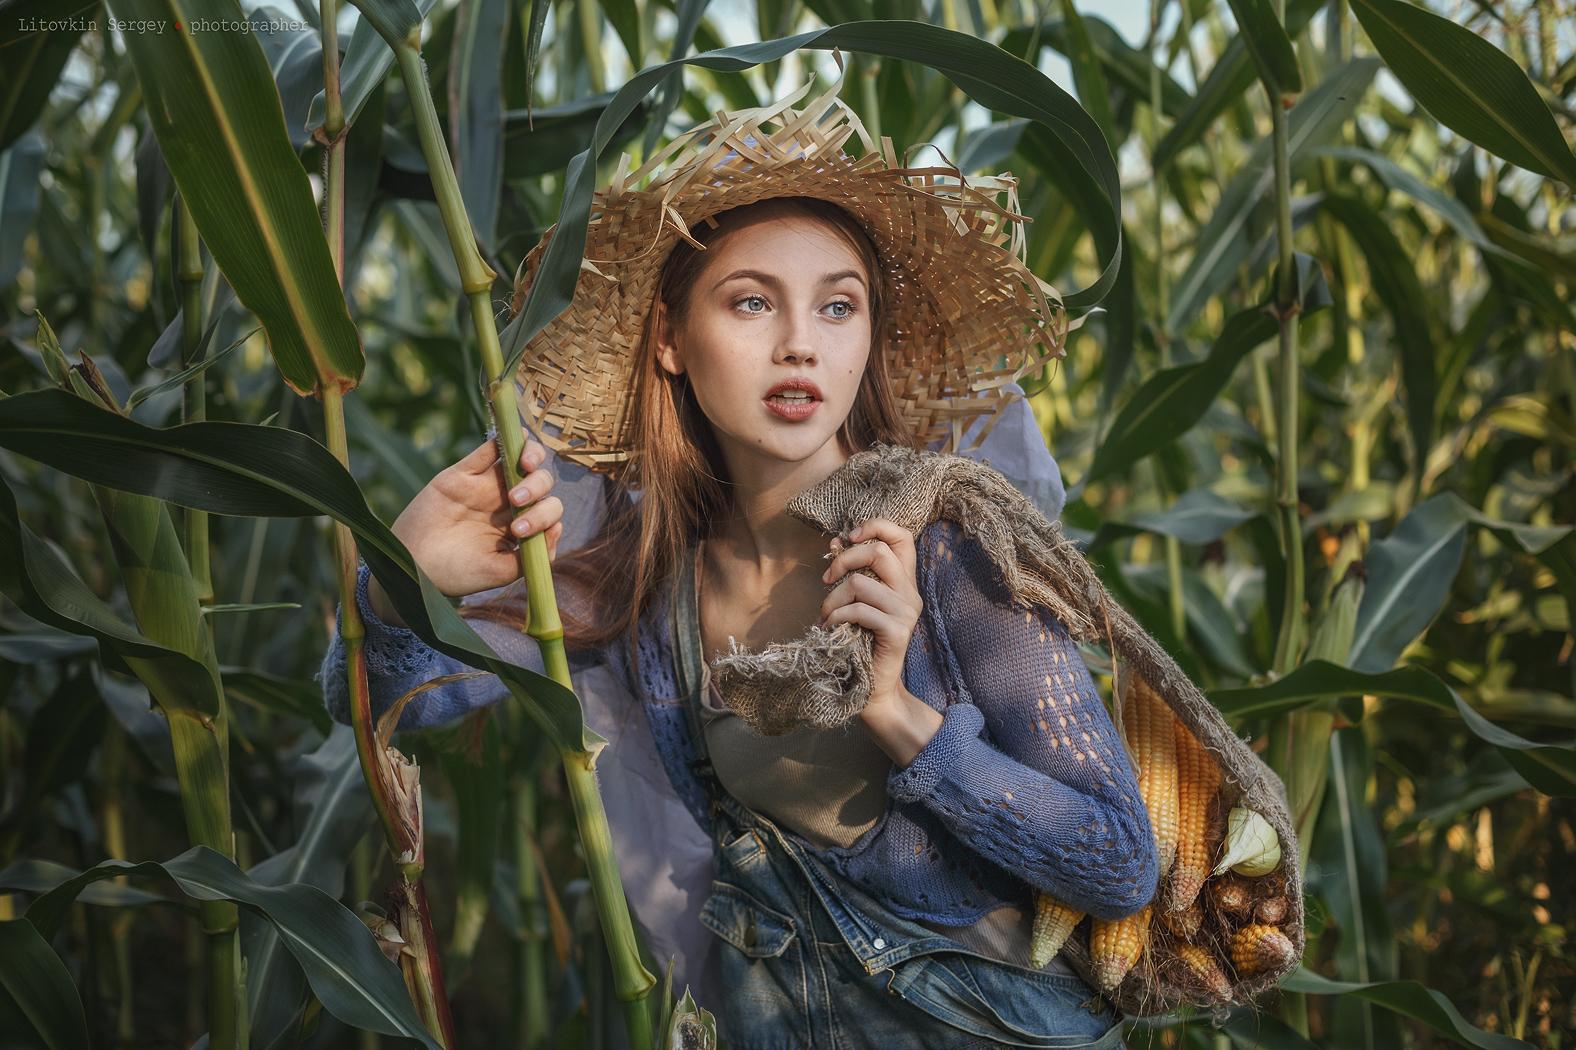 фотограф Сергей Литовкин / Модель Мария собирает кукурузу